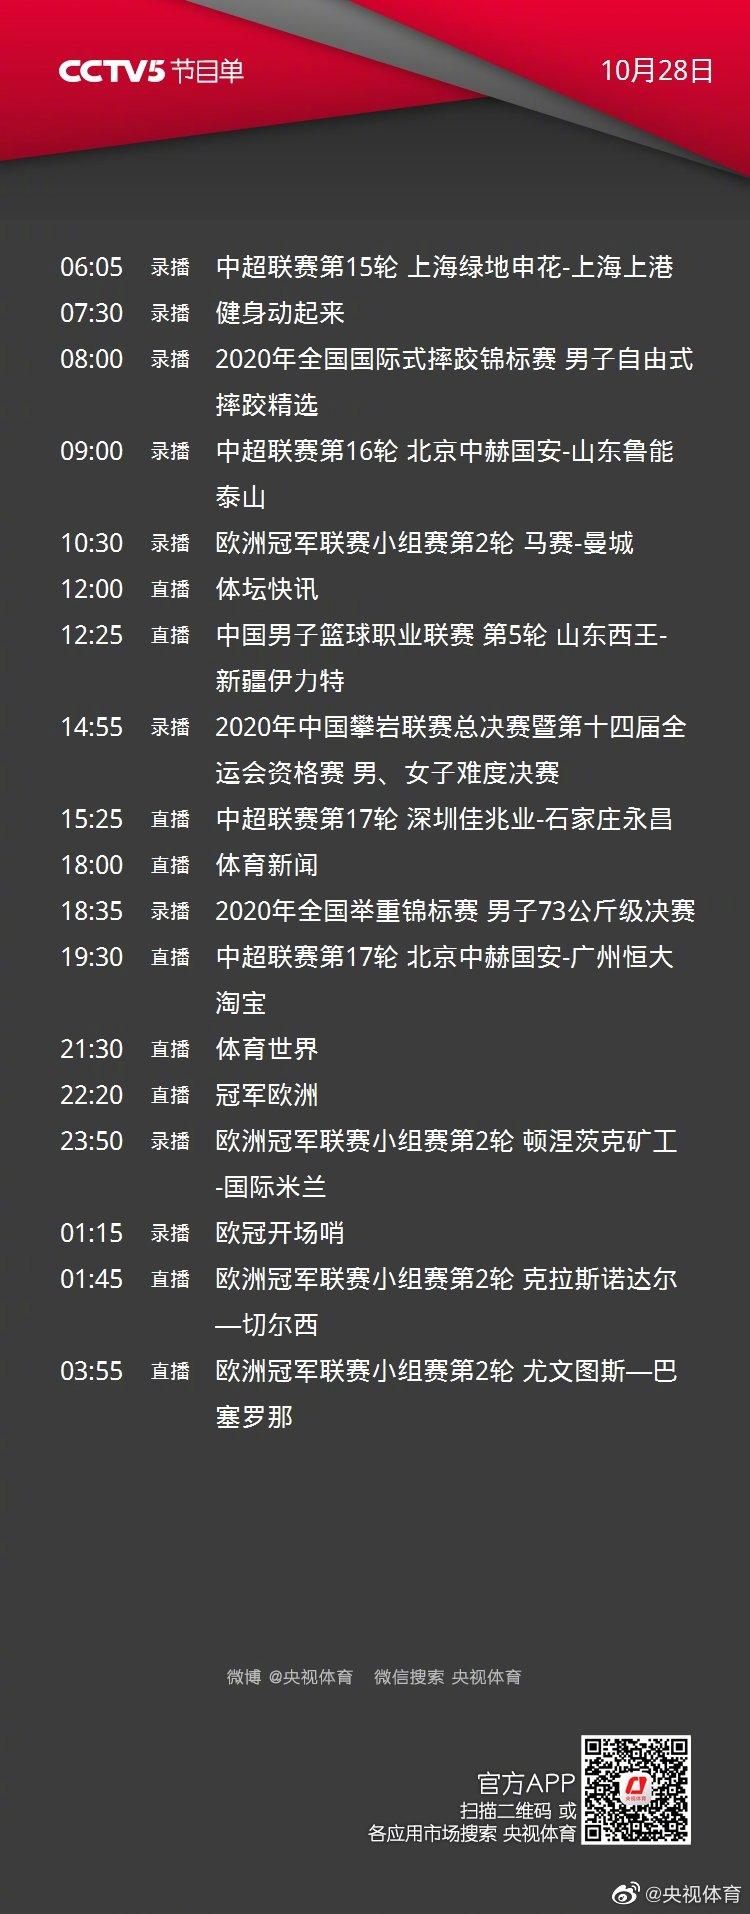 明天是2020年10月28日,12点25直播CBA山东对阵新疆